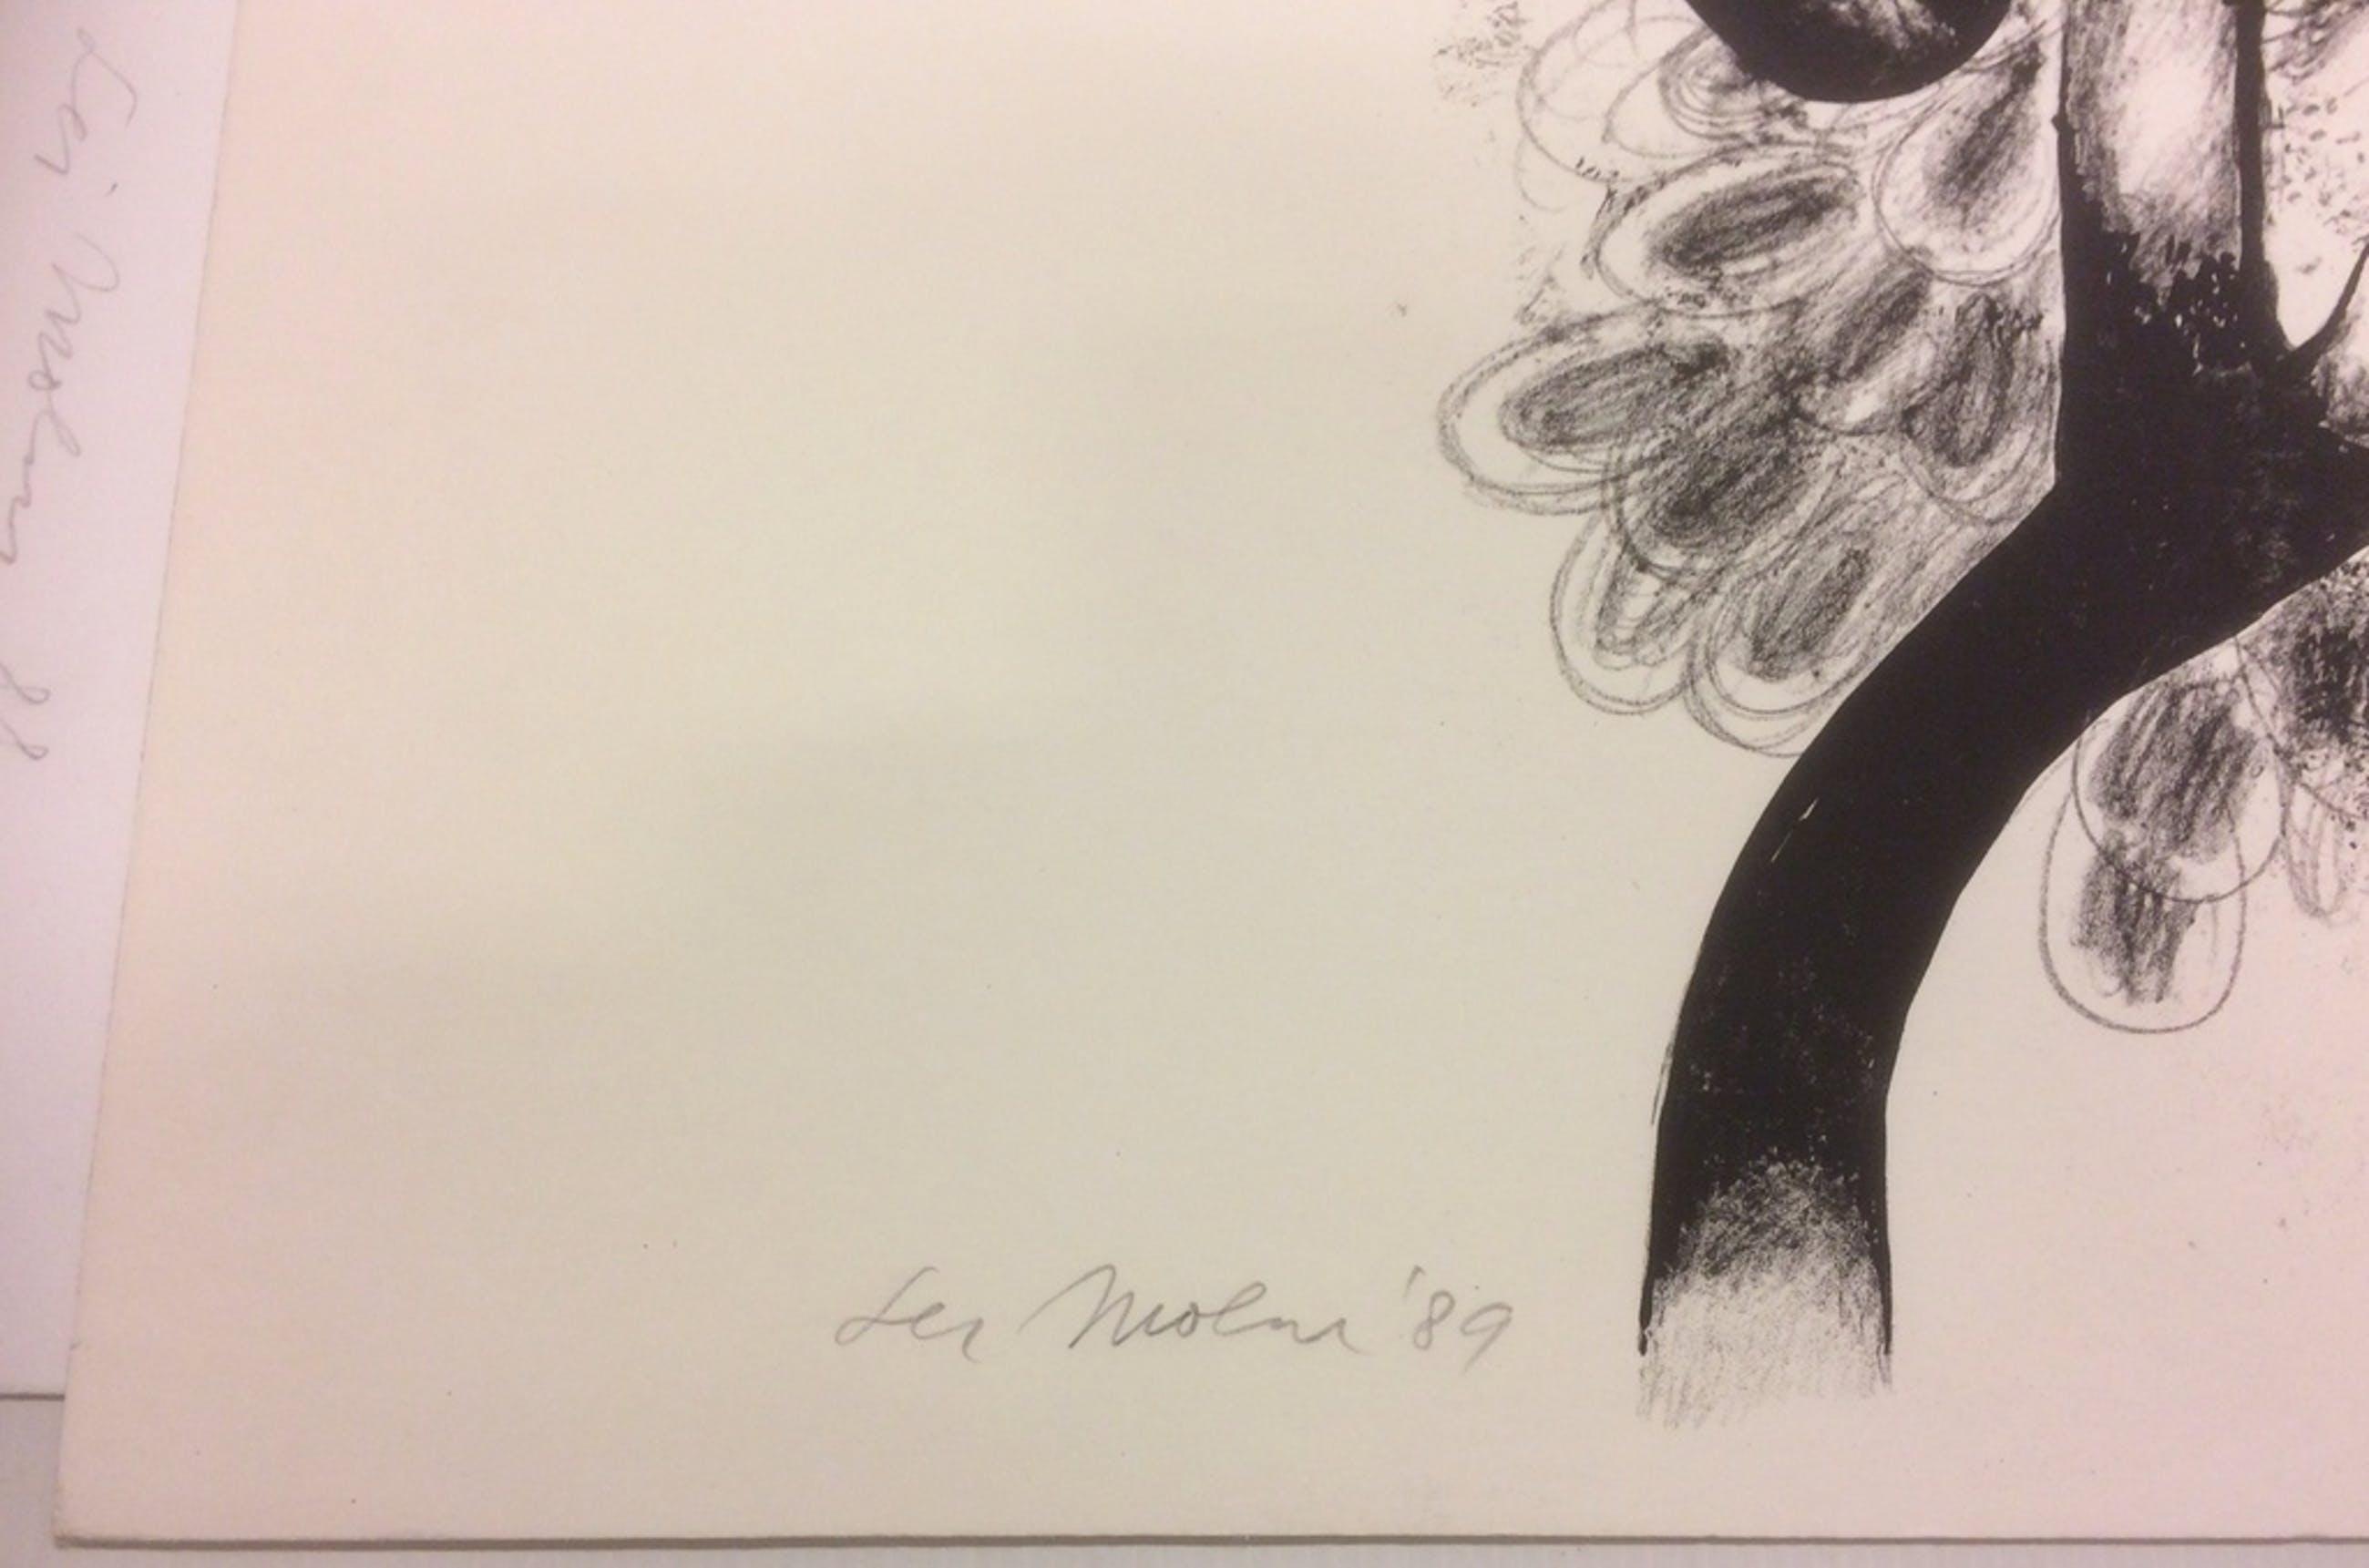 Lei Molin zeer grote kleuren litho - 1989 - oplage 40 ex. kopen? Bied vanaf 150!